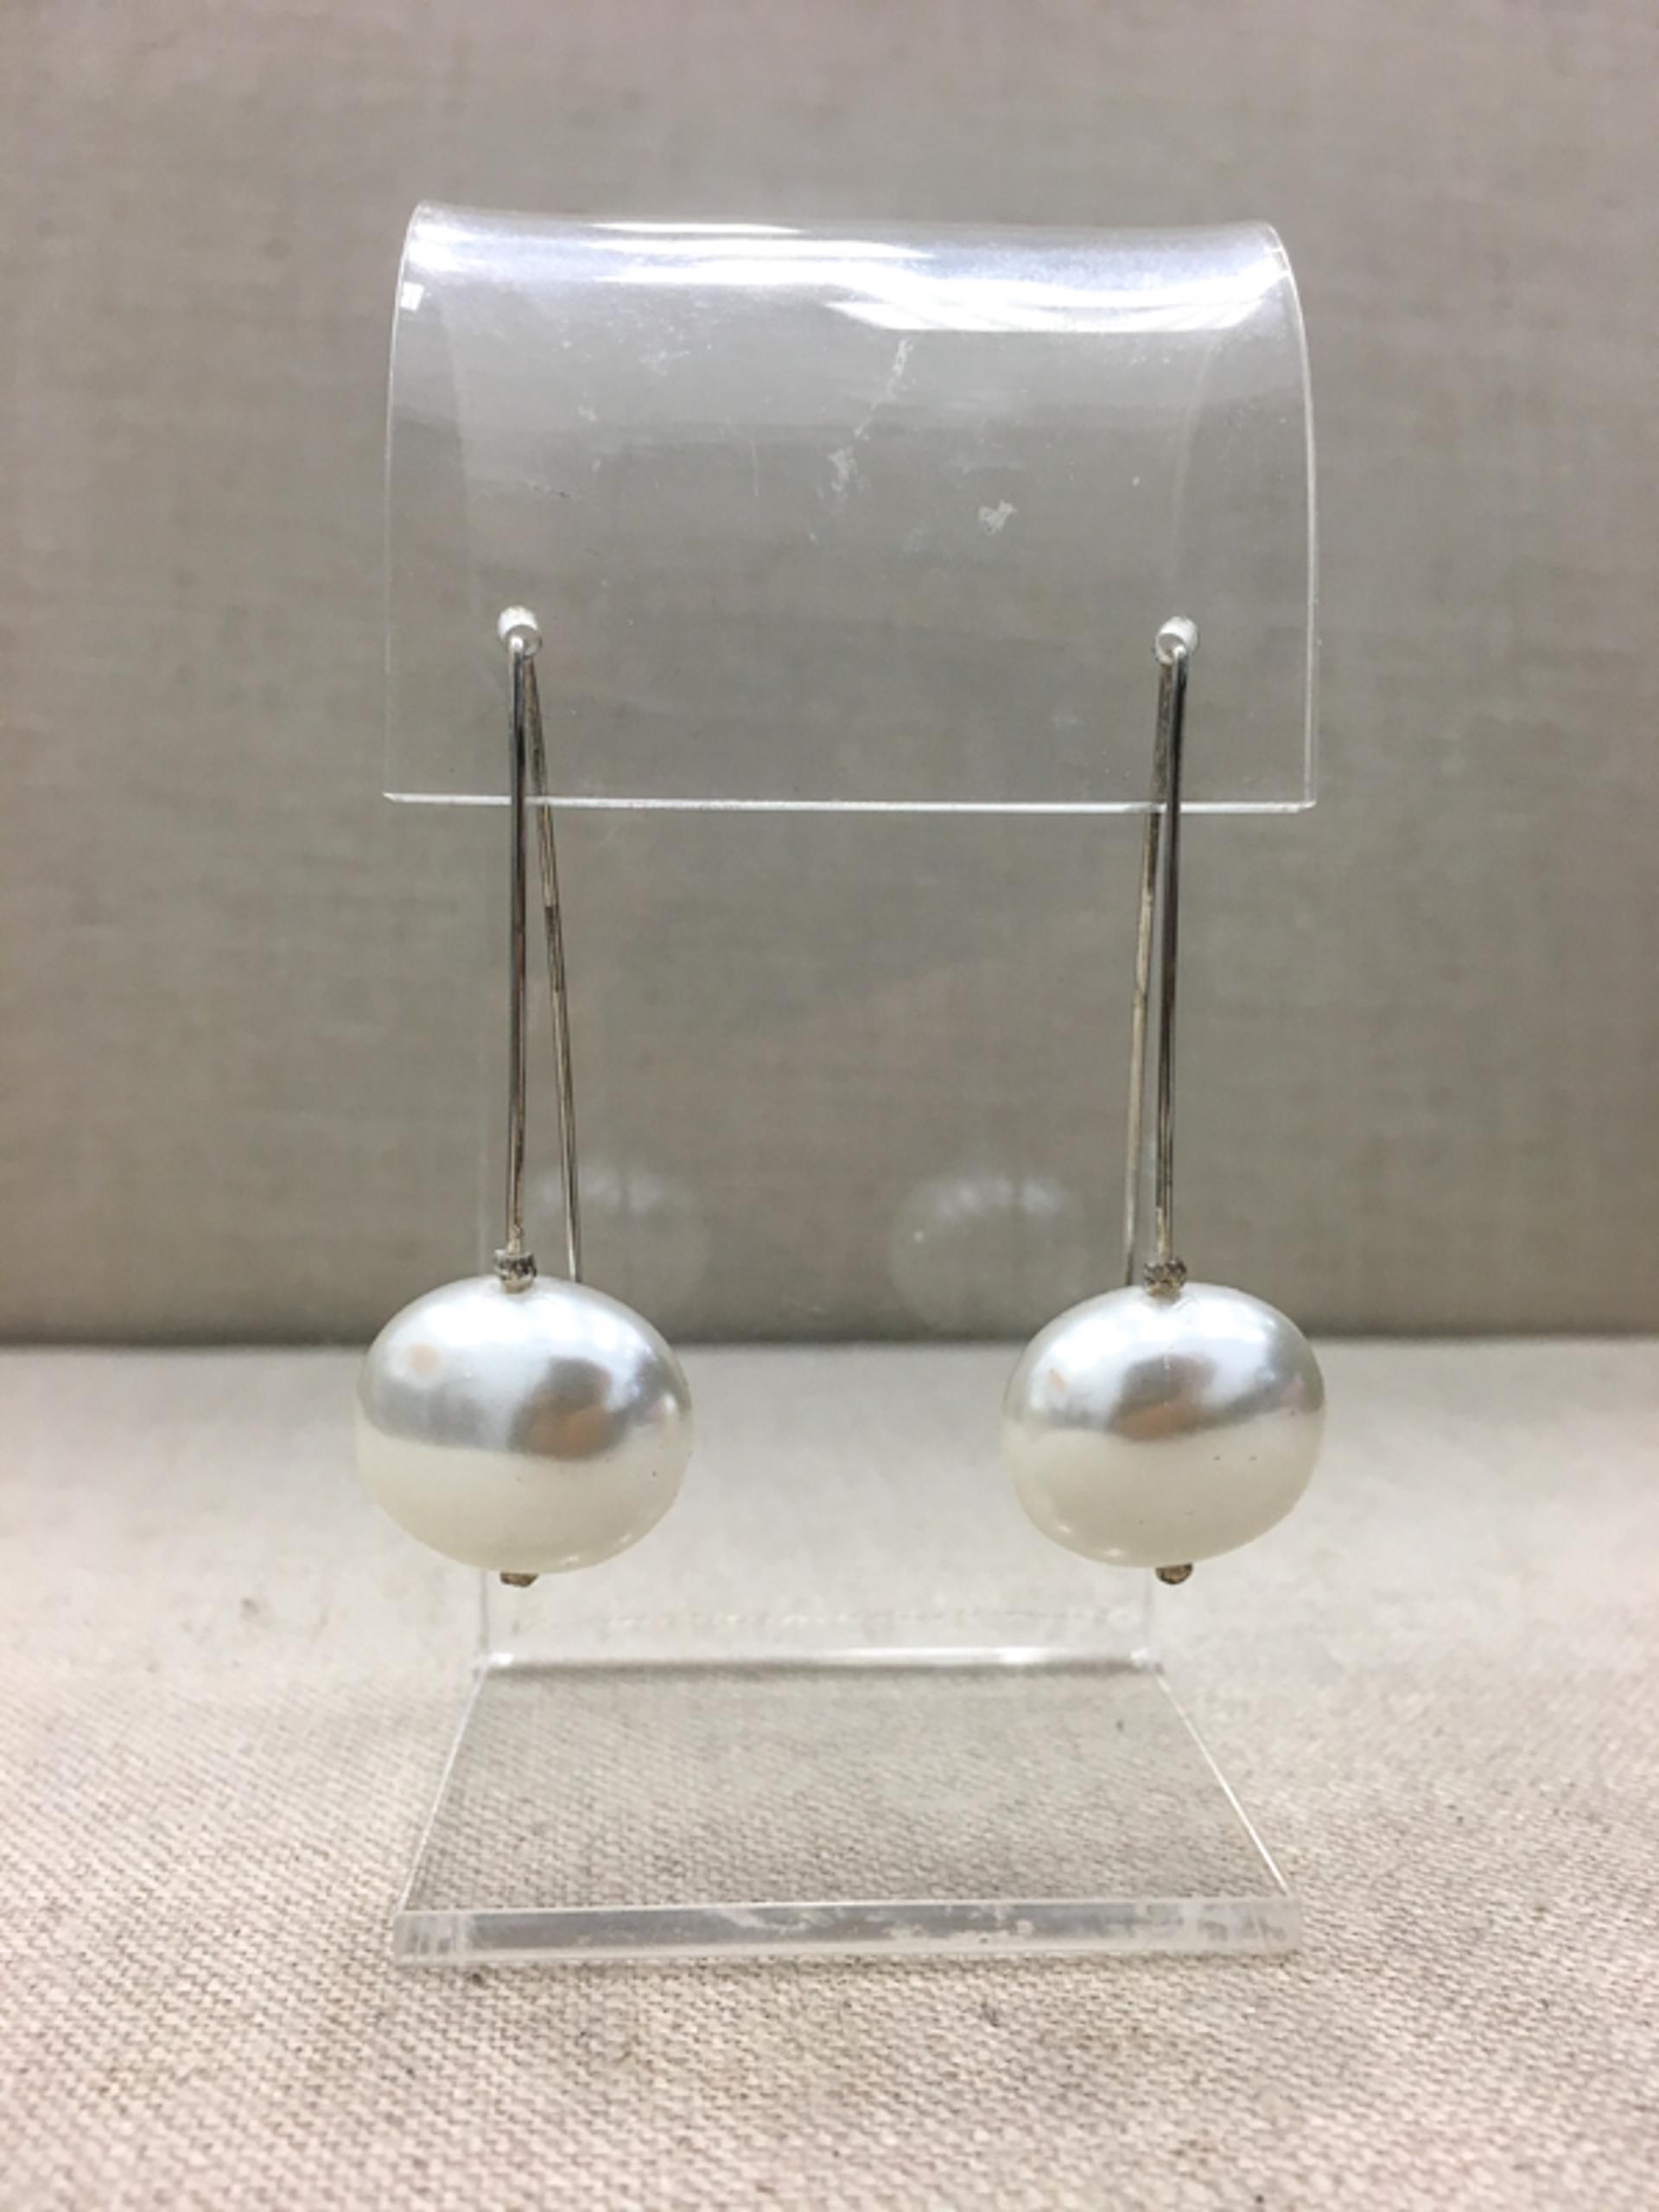 9140 Earrings by Lori Paulsen